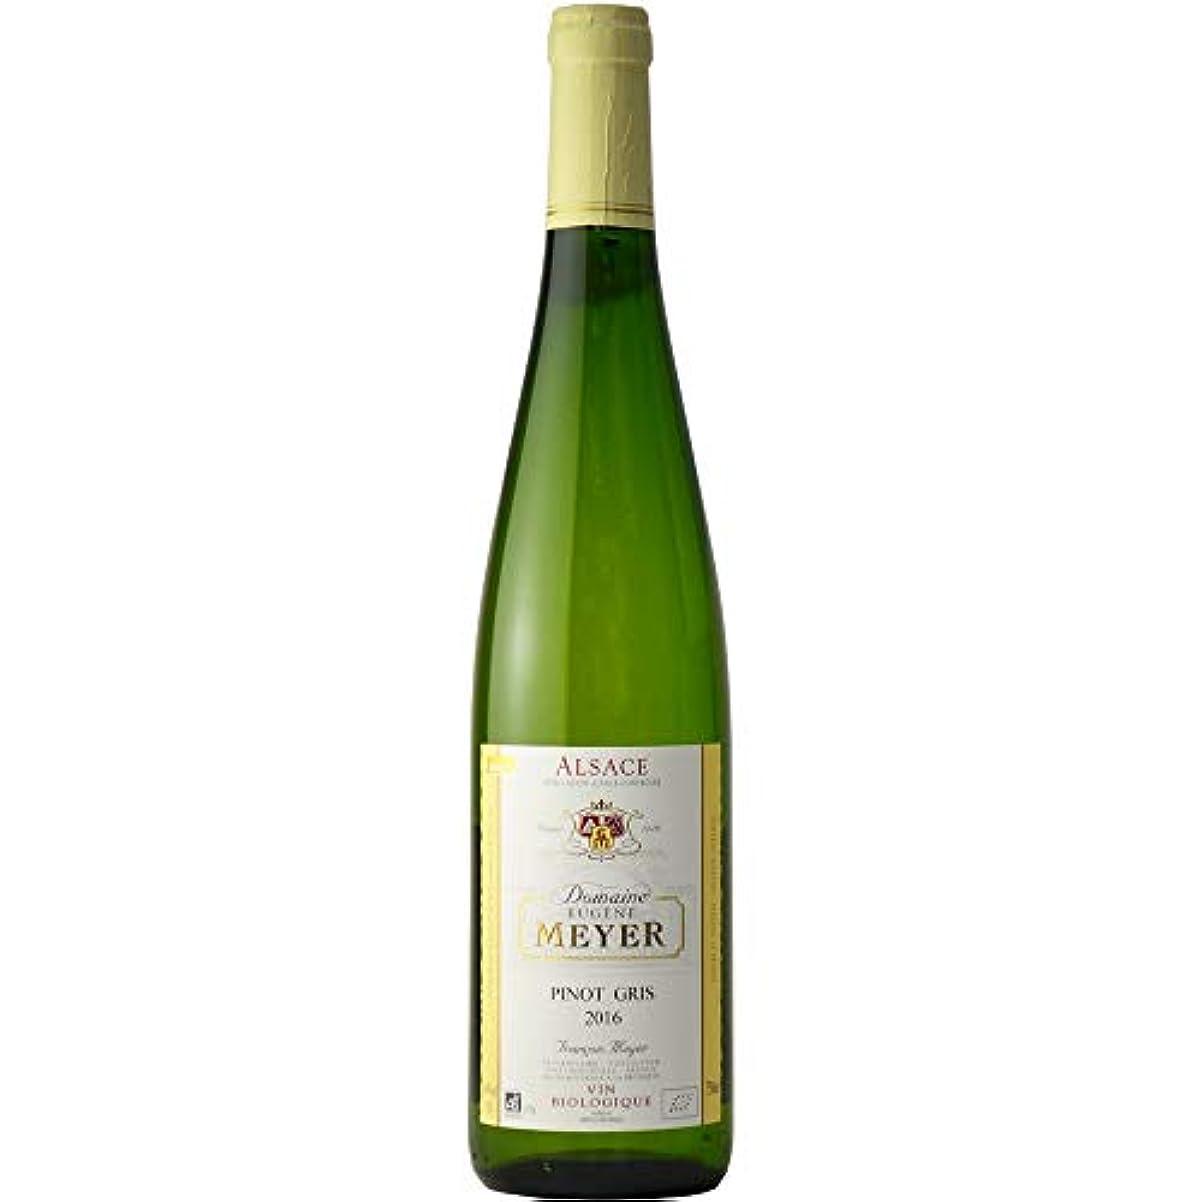 中央値内なるホイッスルアルザス ピノ グリ 白 750ml オーガニック ワイン